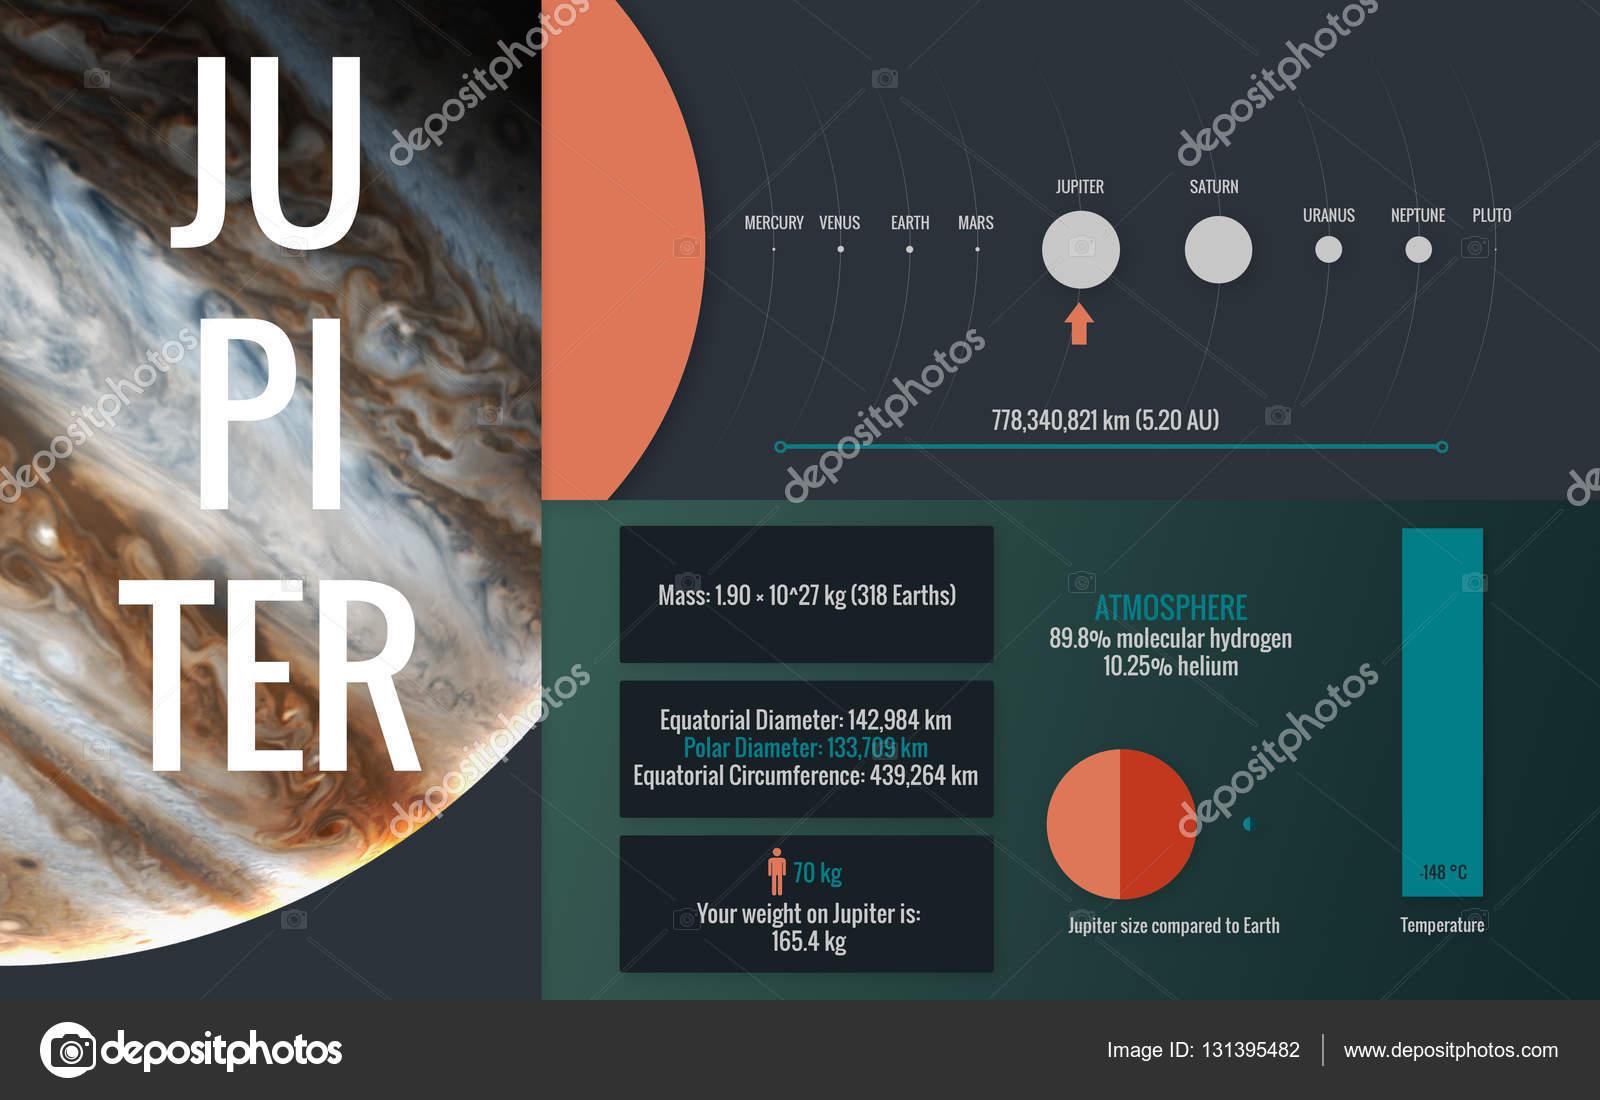 Jpiter infogrfico imagem apresenta um do planeta do sistema jpiter infogrfico imagem apresenta um do planeta do sistema solar olhar e fatos este elementos de imagem fornecida pela nasa foto de shadoff ccuart Gallery